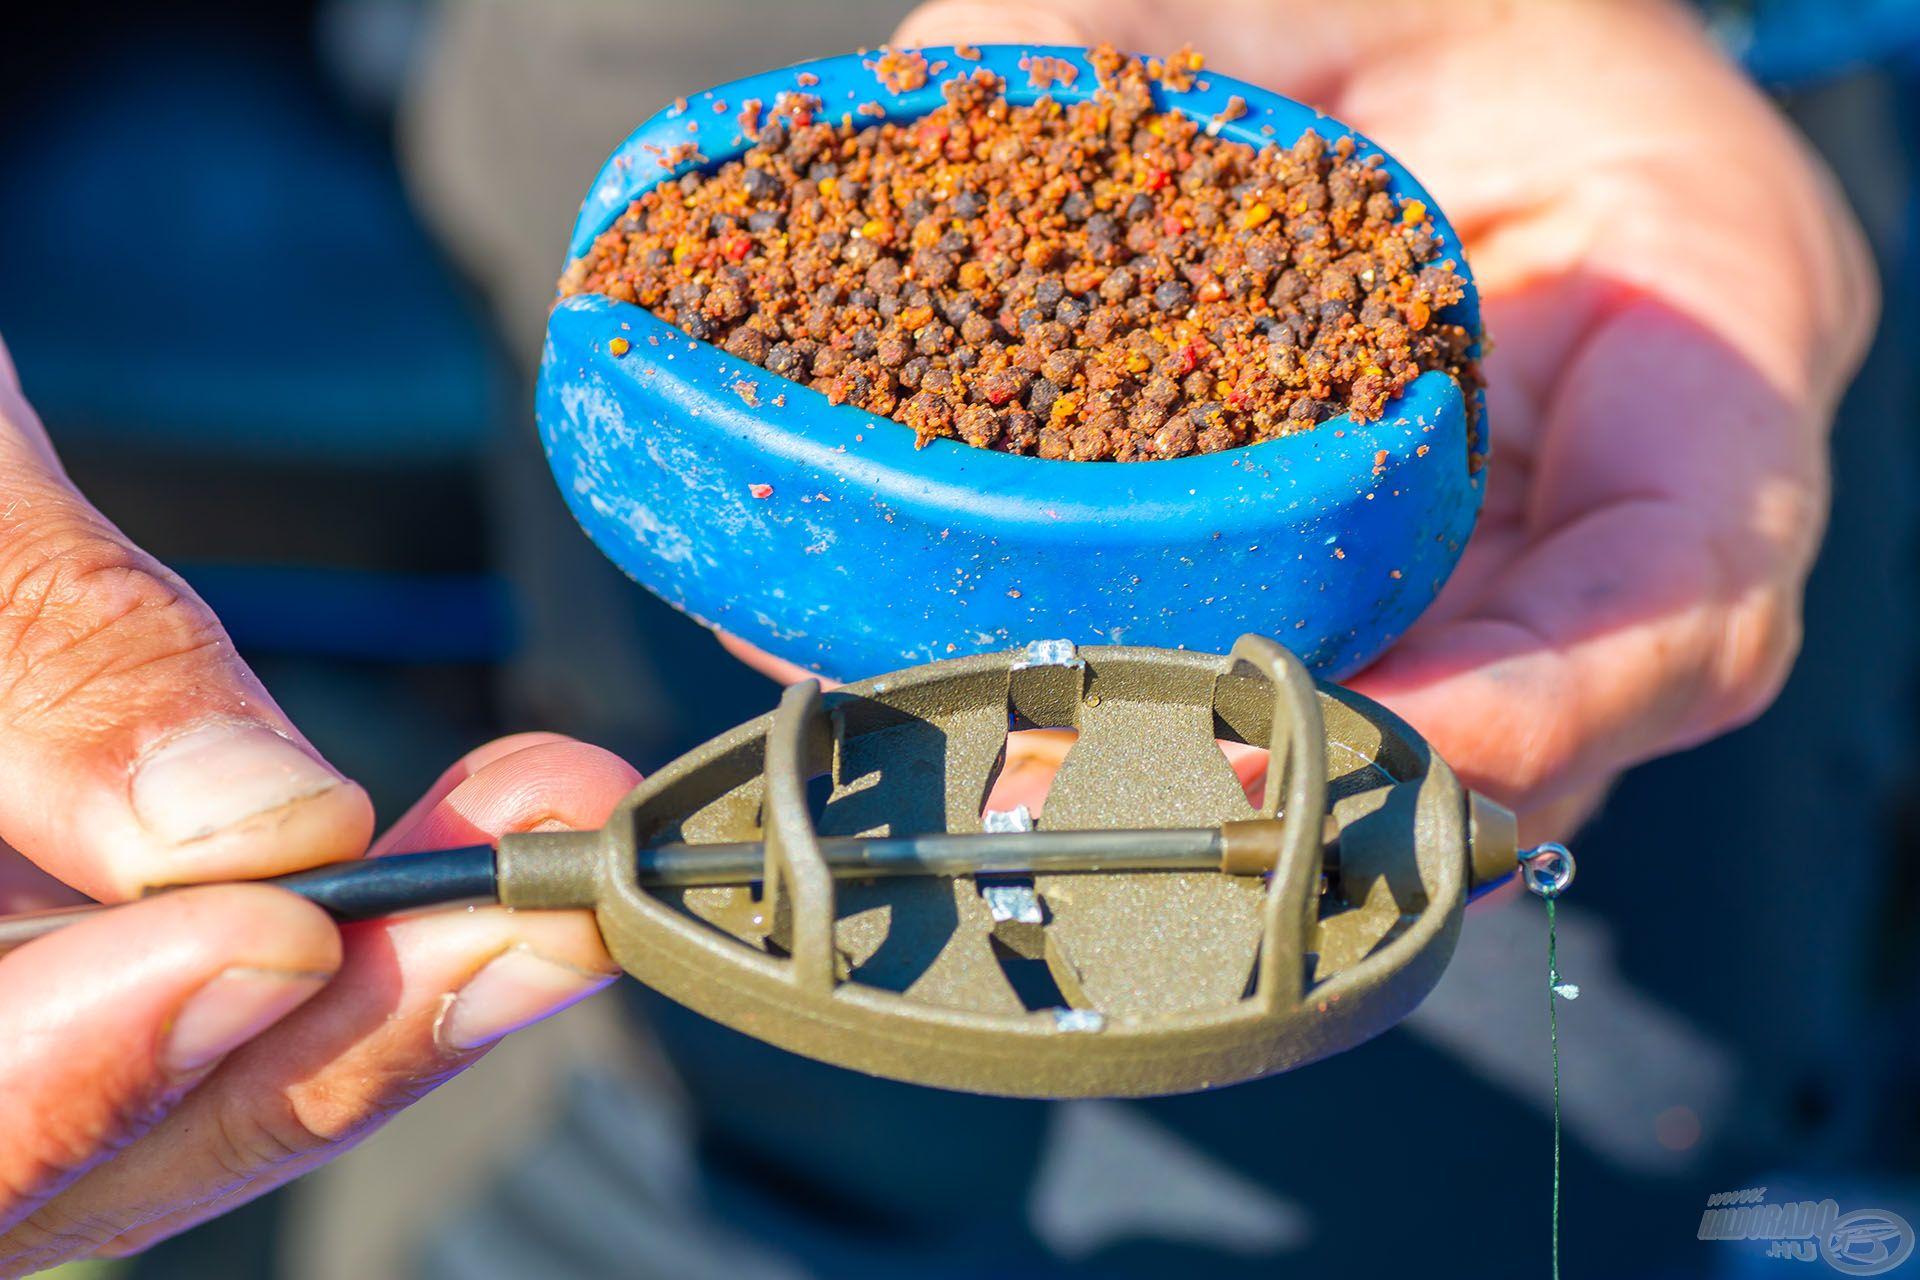 A töltőszerszámba a Májas - chilis proteinbomba kerül elsőként